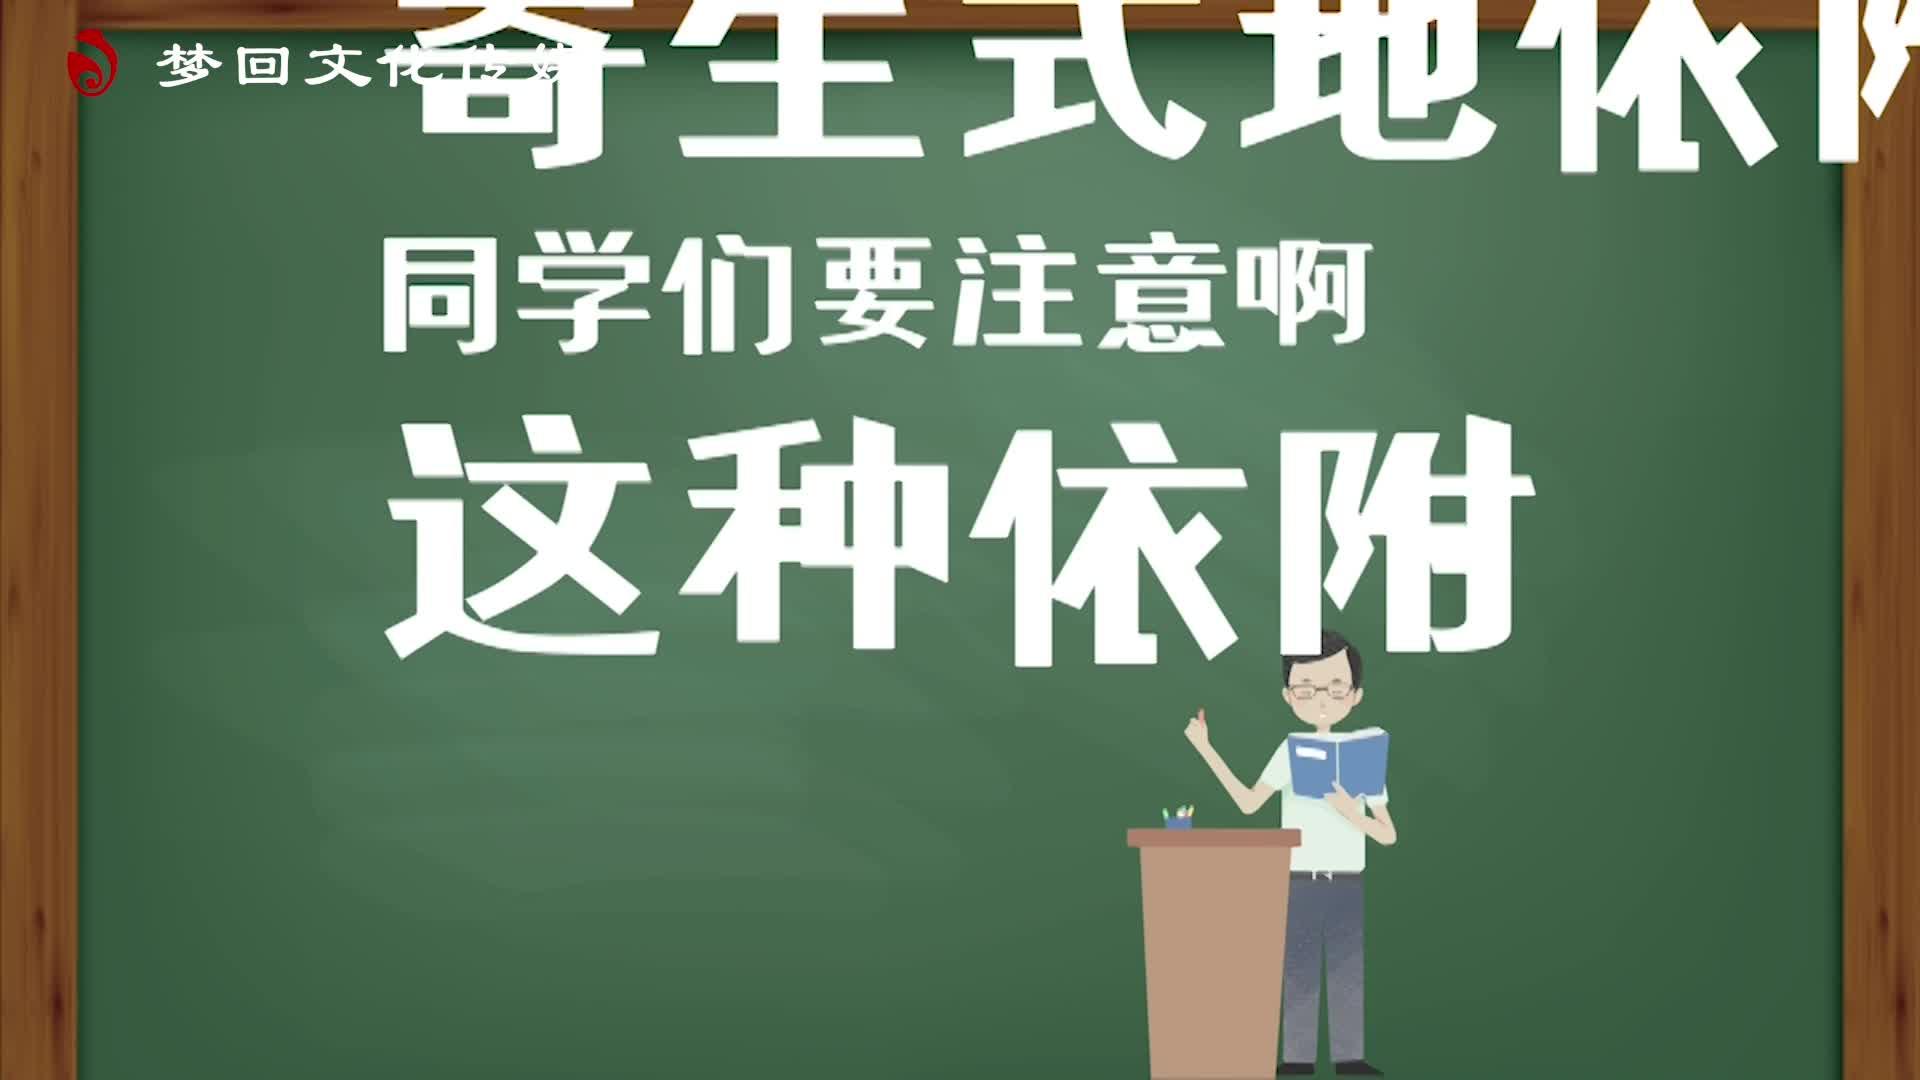 【赵老师的电影课】寄生虫